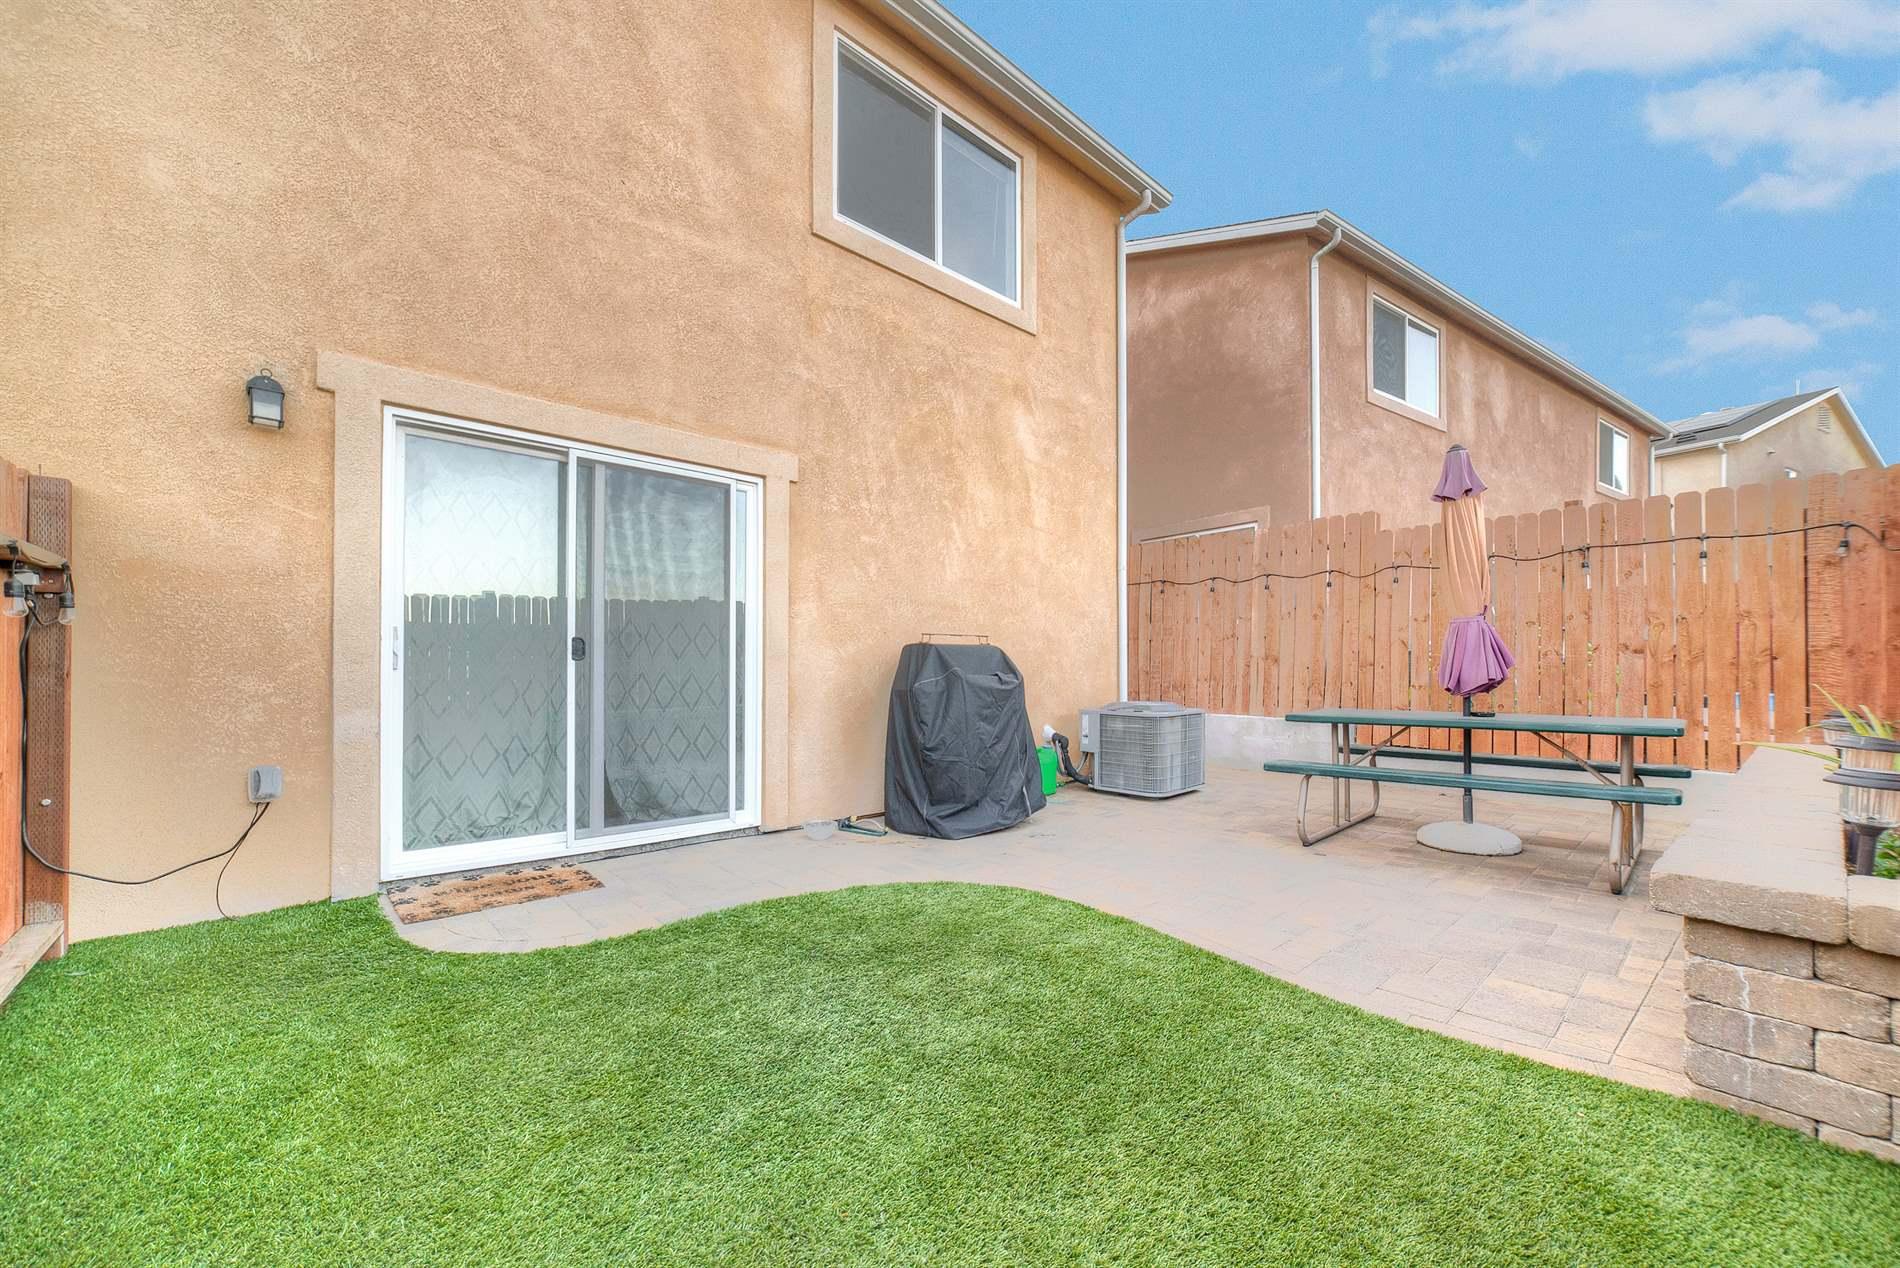 26126 Gravett, Saugus, CA 91350